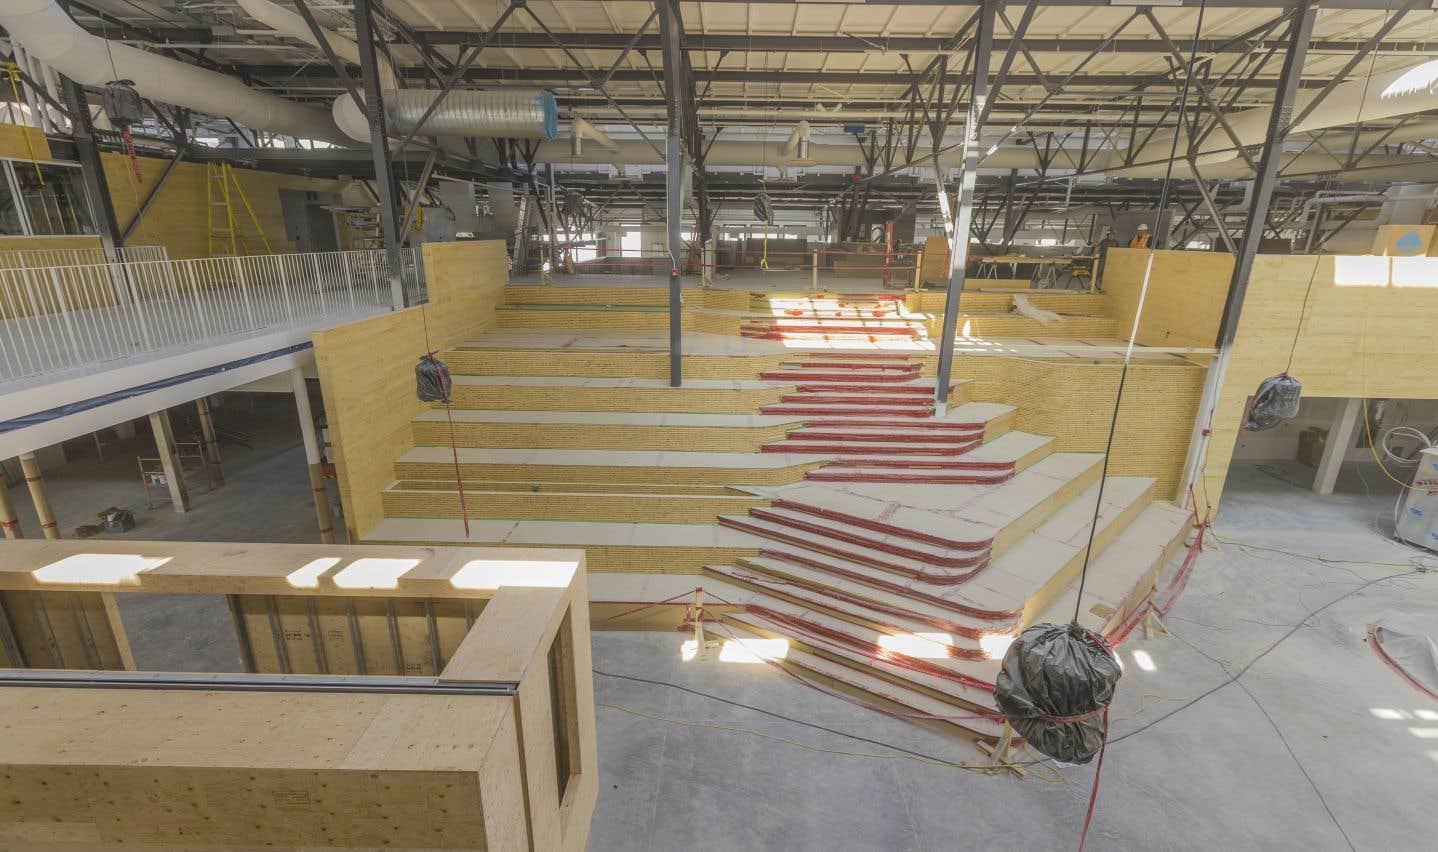 Le marché est constitué d'une grande allée centrale et d'une série de chemins perpendiculaires. On a érigé au centre un grand escalier central sur lequel seront plantés des végétaux. Un total de 32 commerces permanents doivent s'installer sur le site auxquels s'ajouteront 80 étals en haute saison.